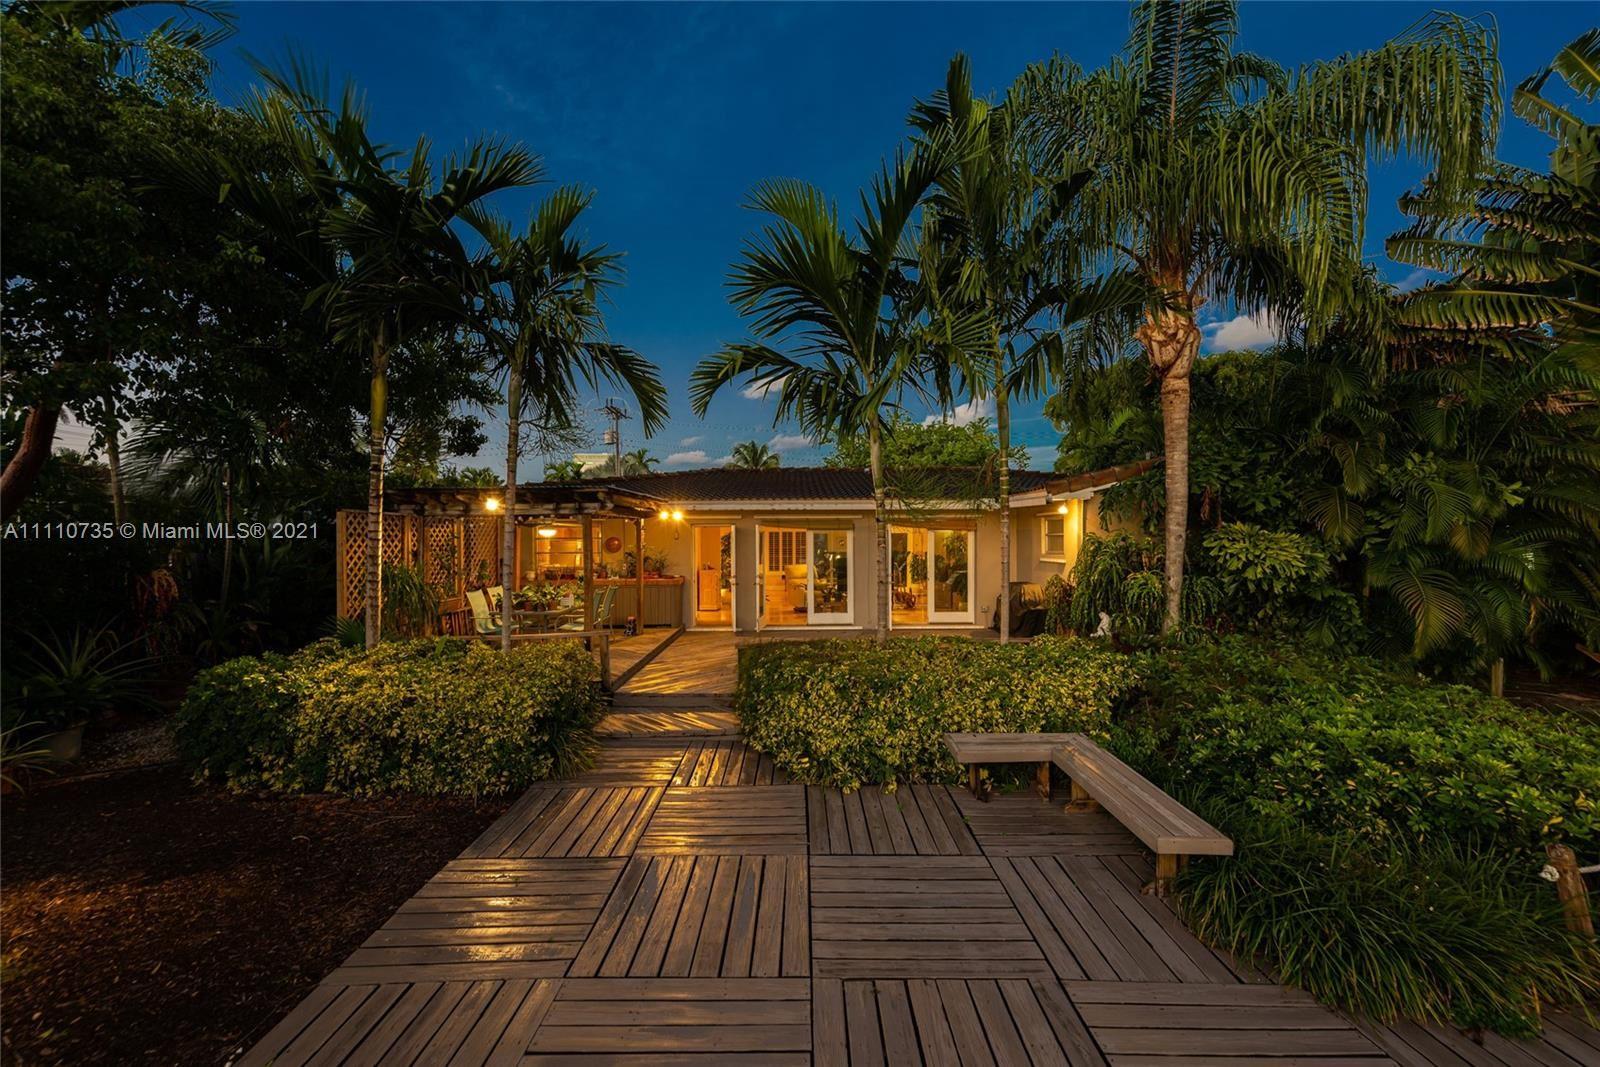 Photo of 1850 NE 118th Rd, North Miami, FL 33181 (MLS # A11110735)